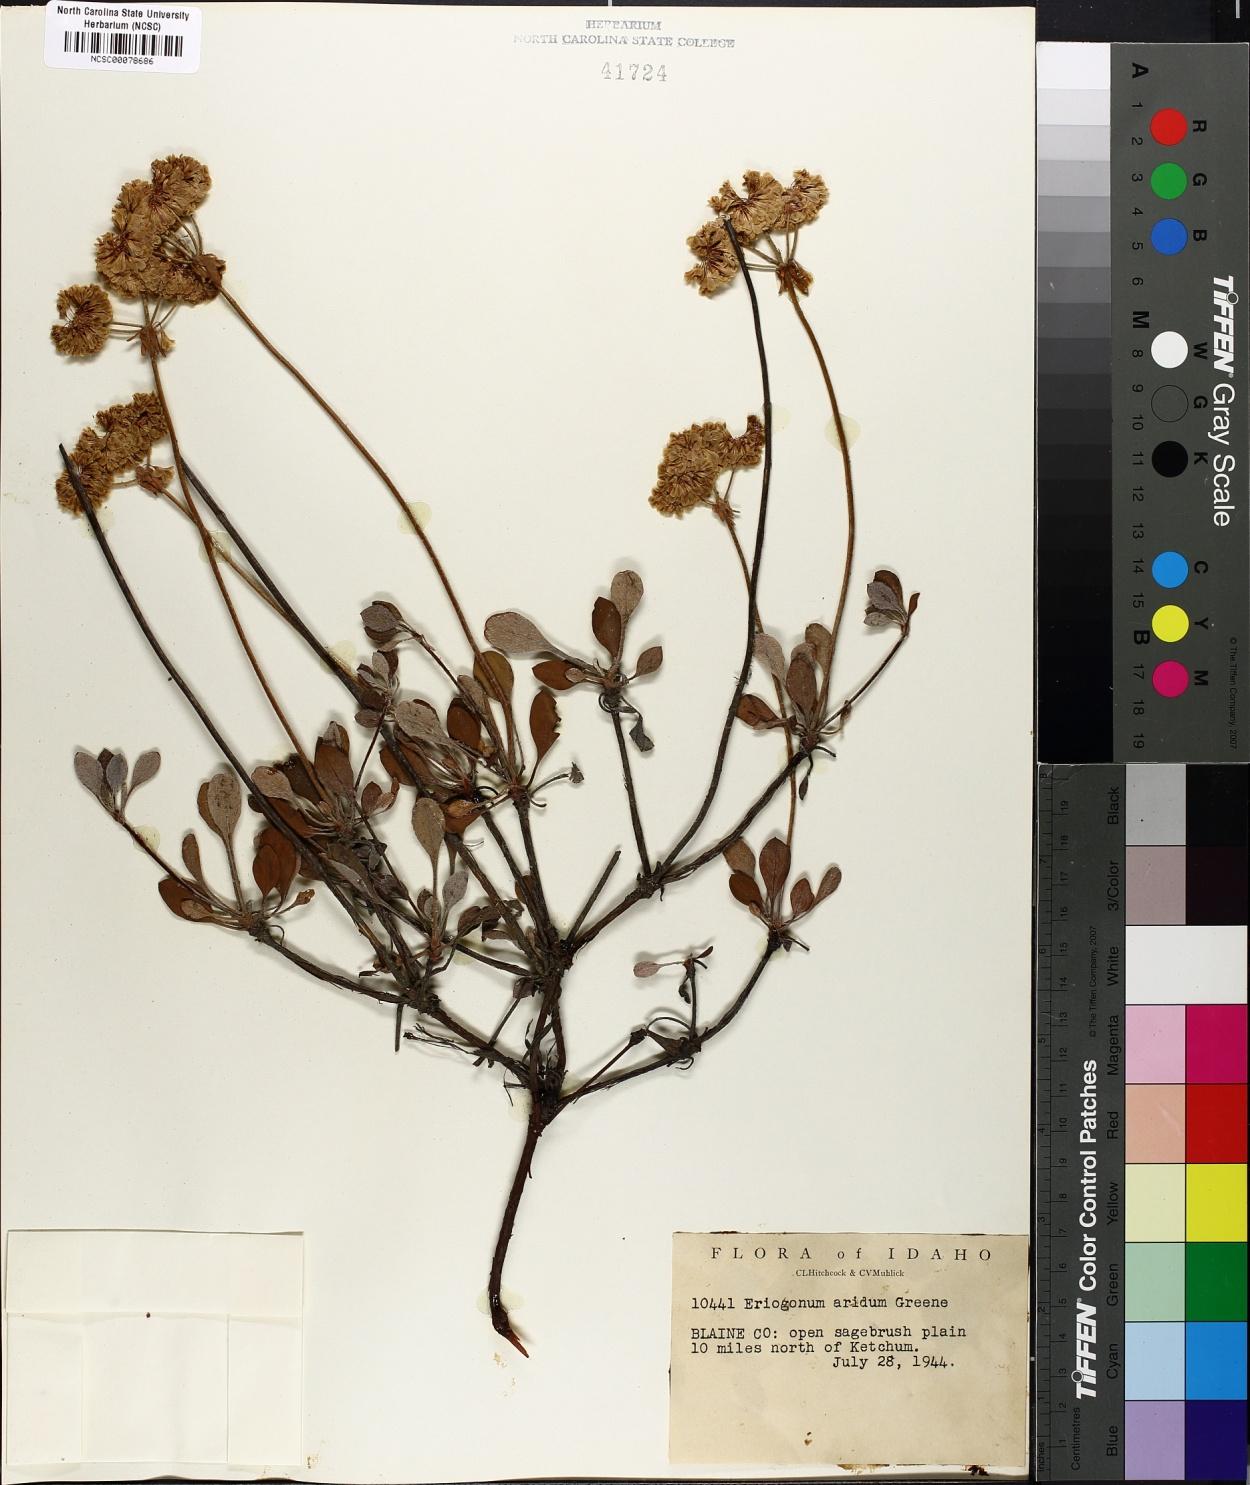 Eriogonum aridum image